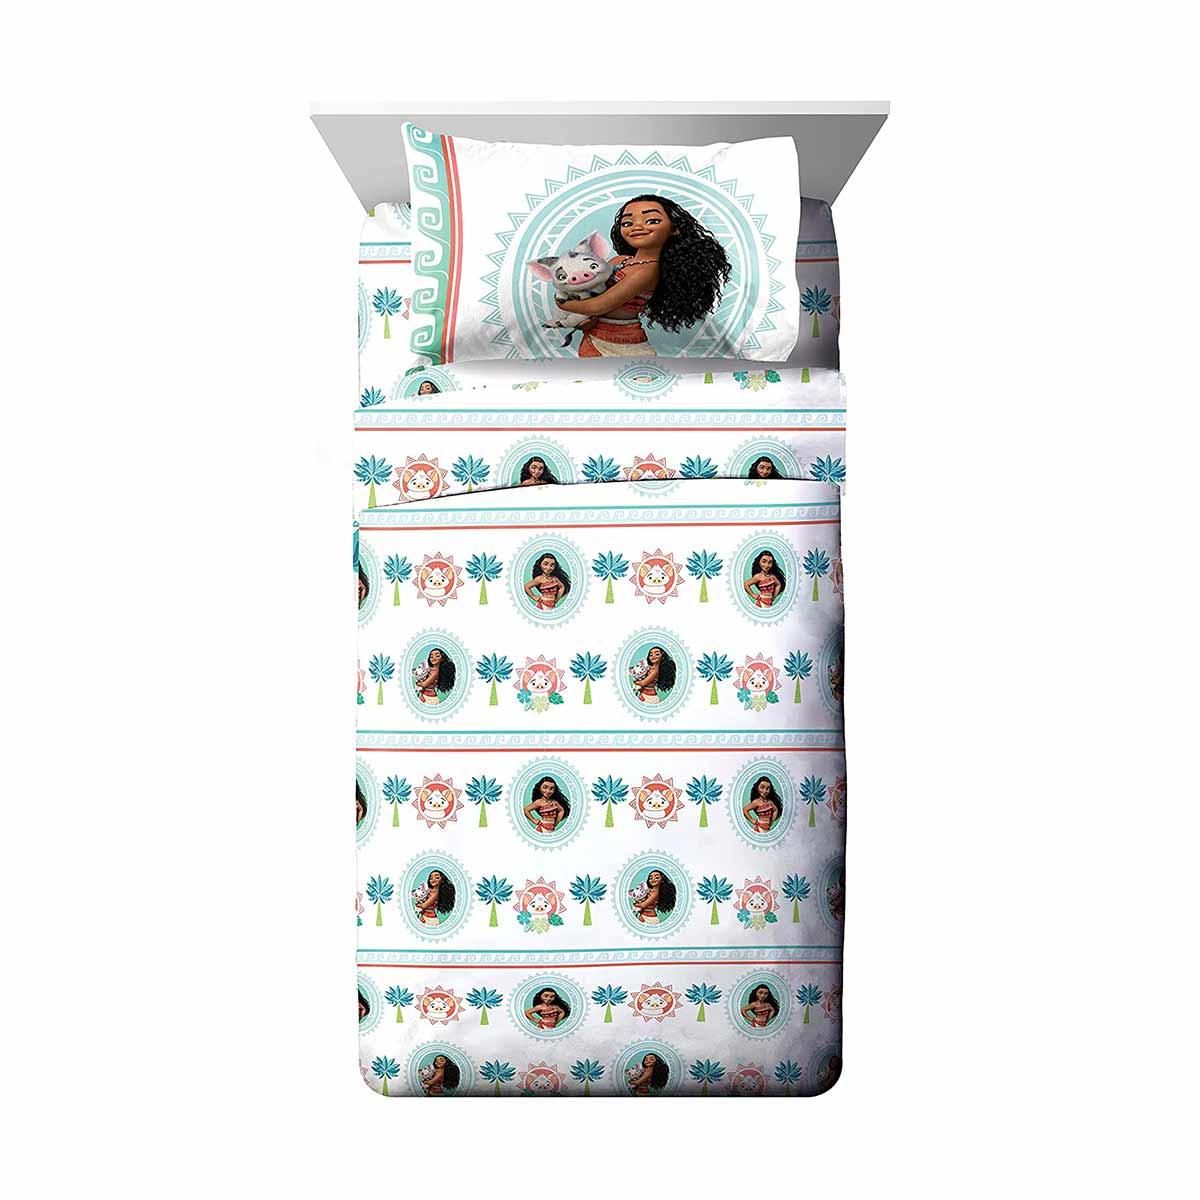 モアナと伝説の海 インテリア グッズ 寝具 ベッドシーツ セット シングル ツイン 子供部屋 ディズニー